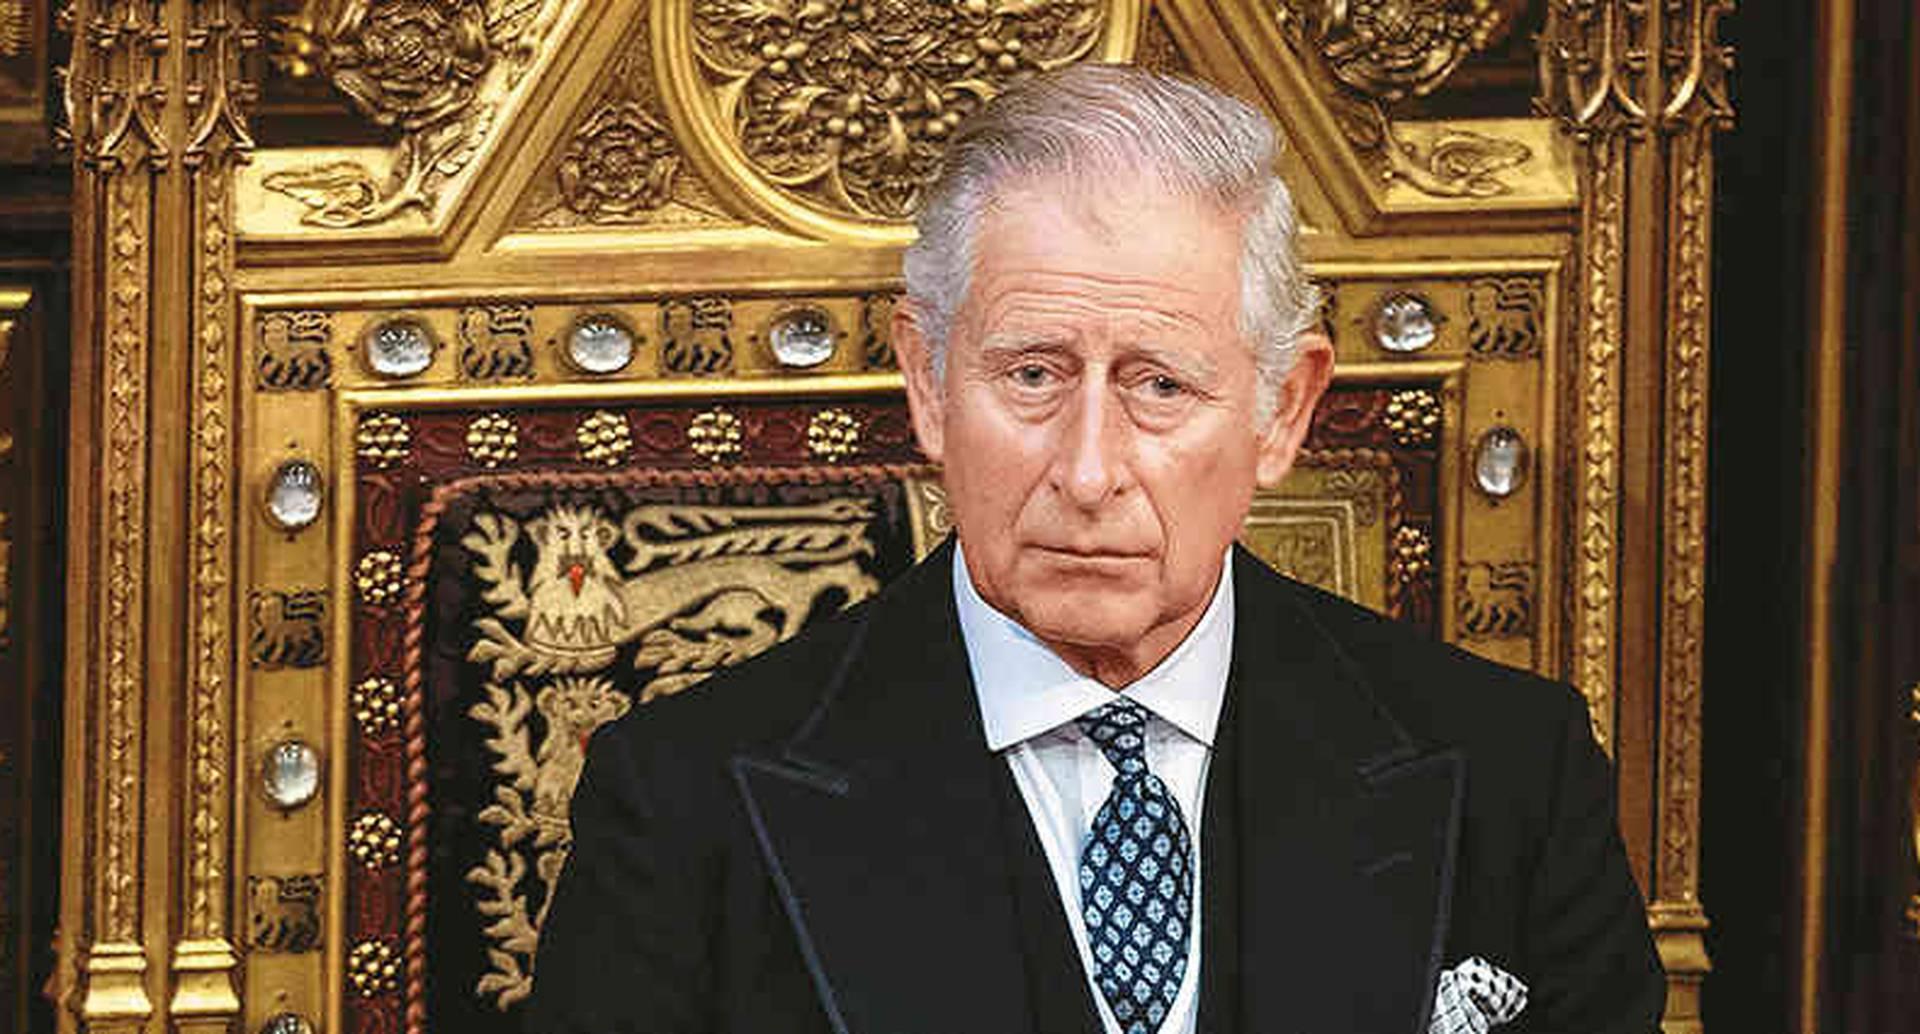 El príncipe Carlos de Inglaterra promete neutralidad cuando llegue al trono.